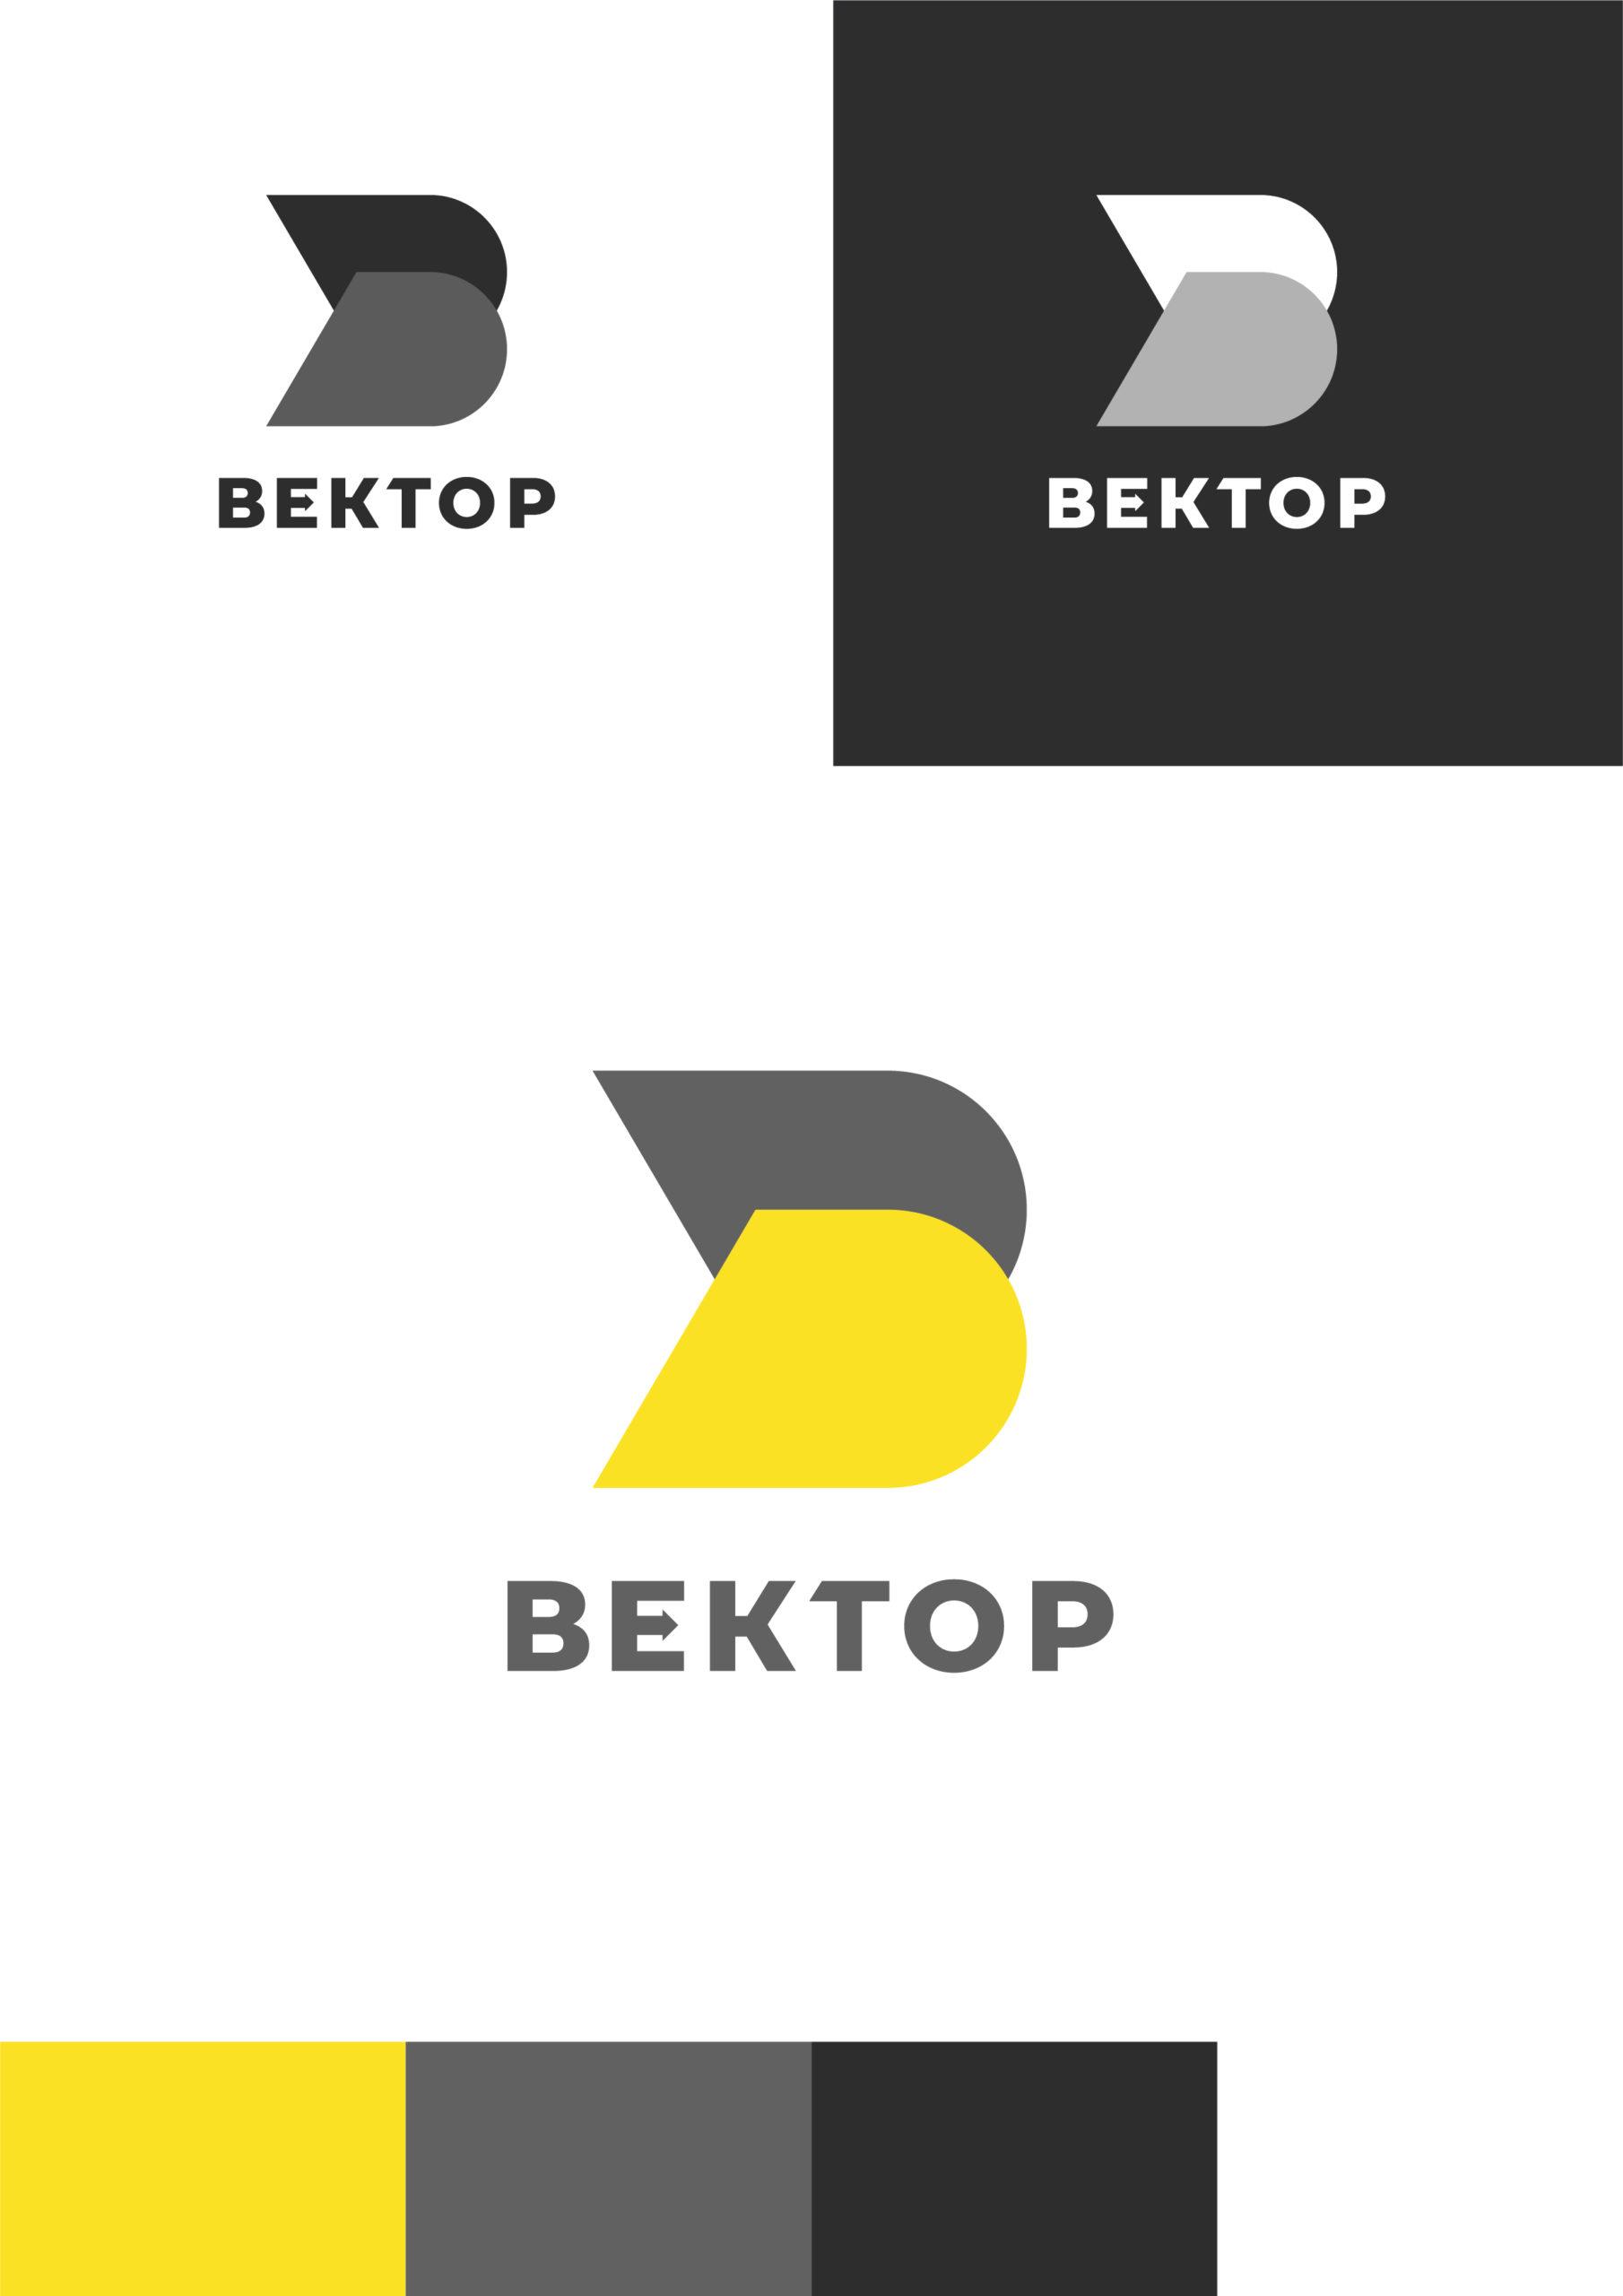 Логотип на заказ в ижевске